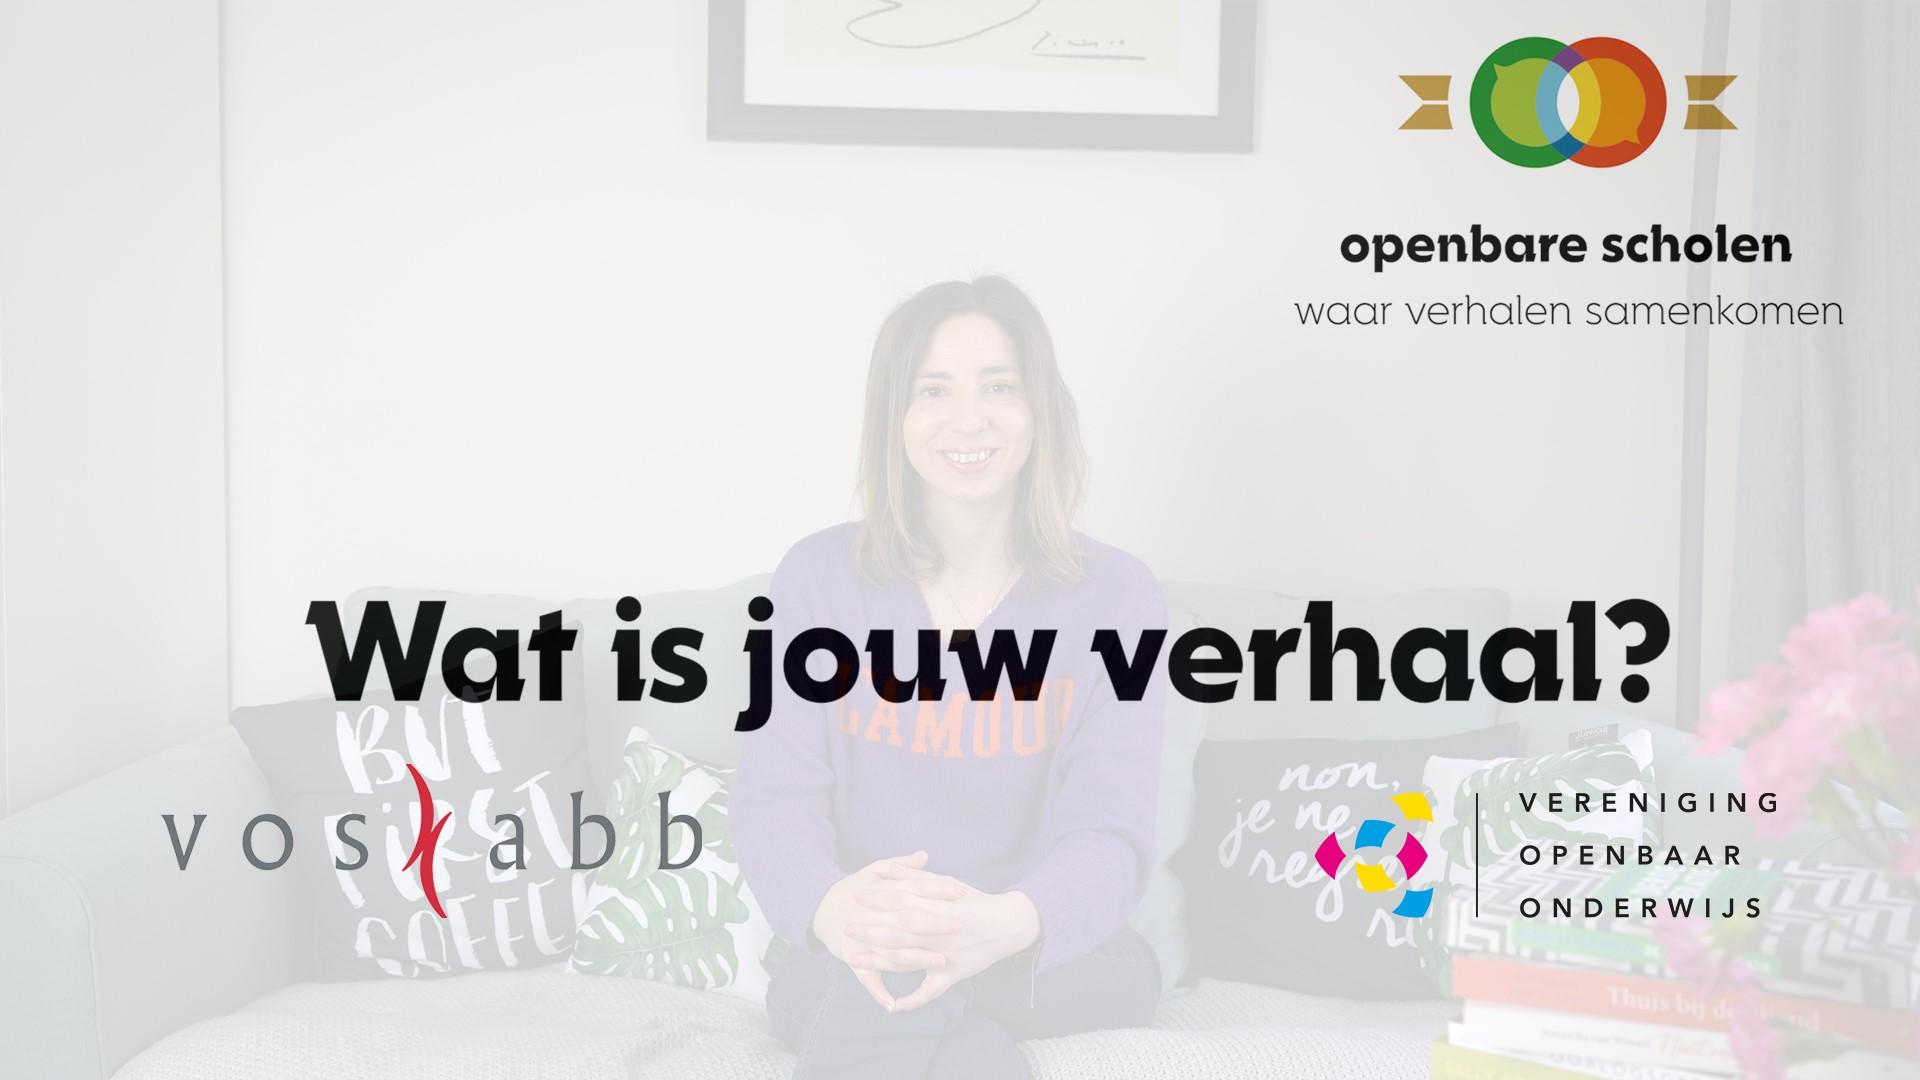 Natascha van Weezel over het openbaar onderwijs